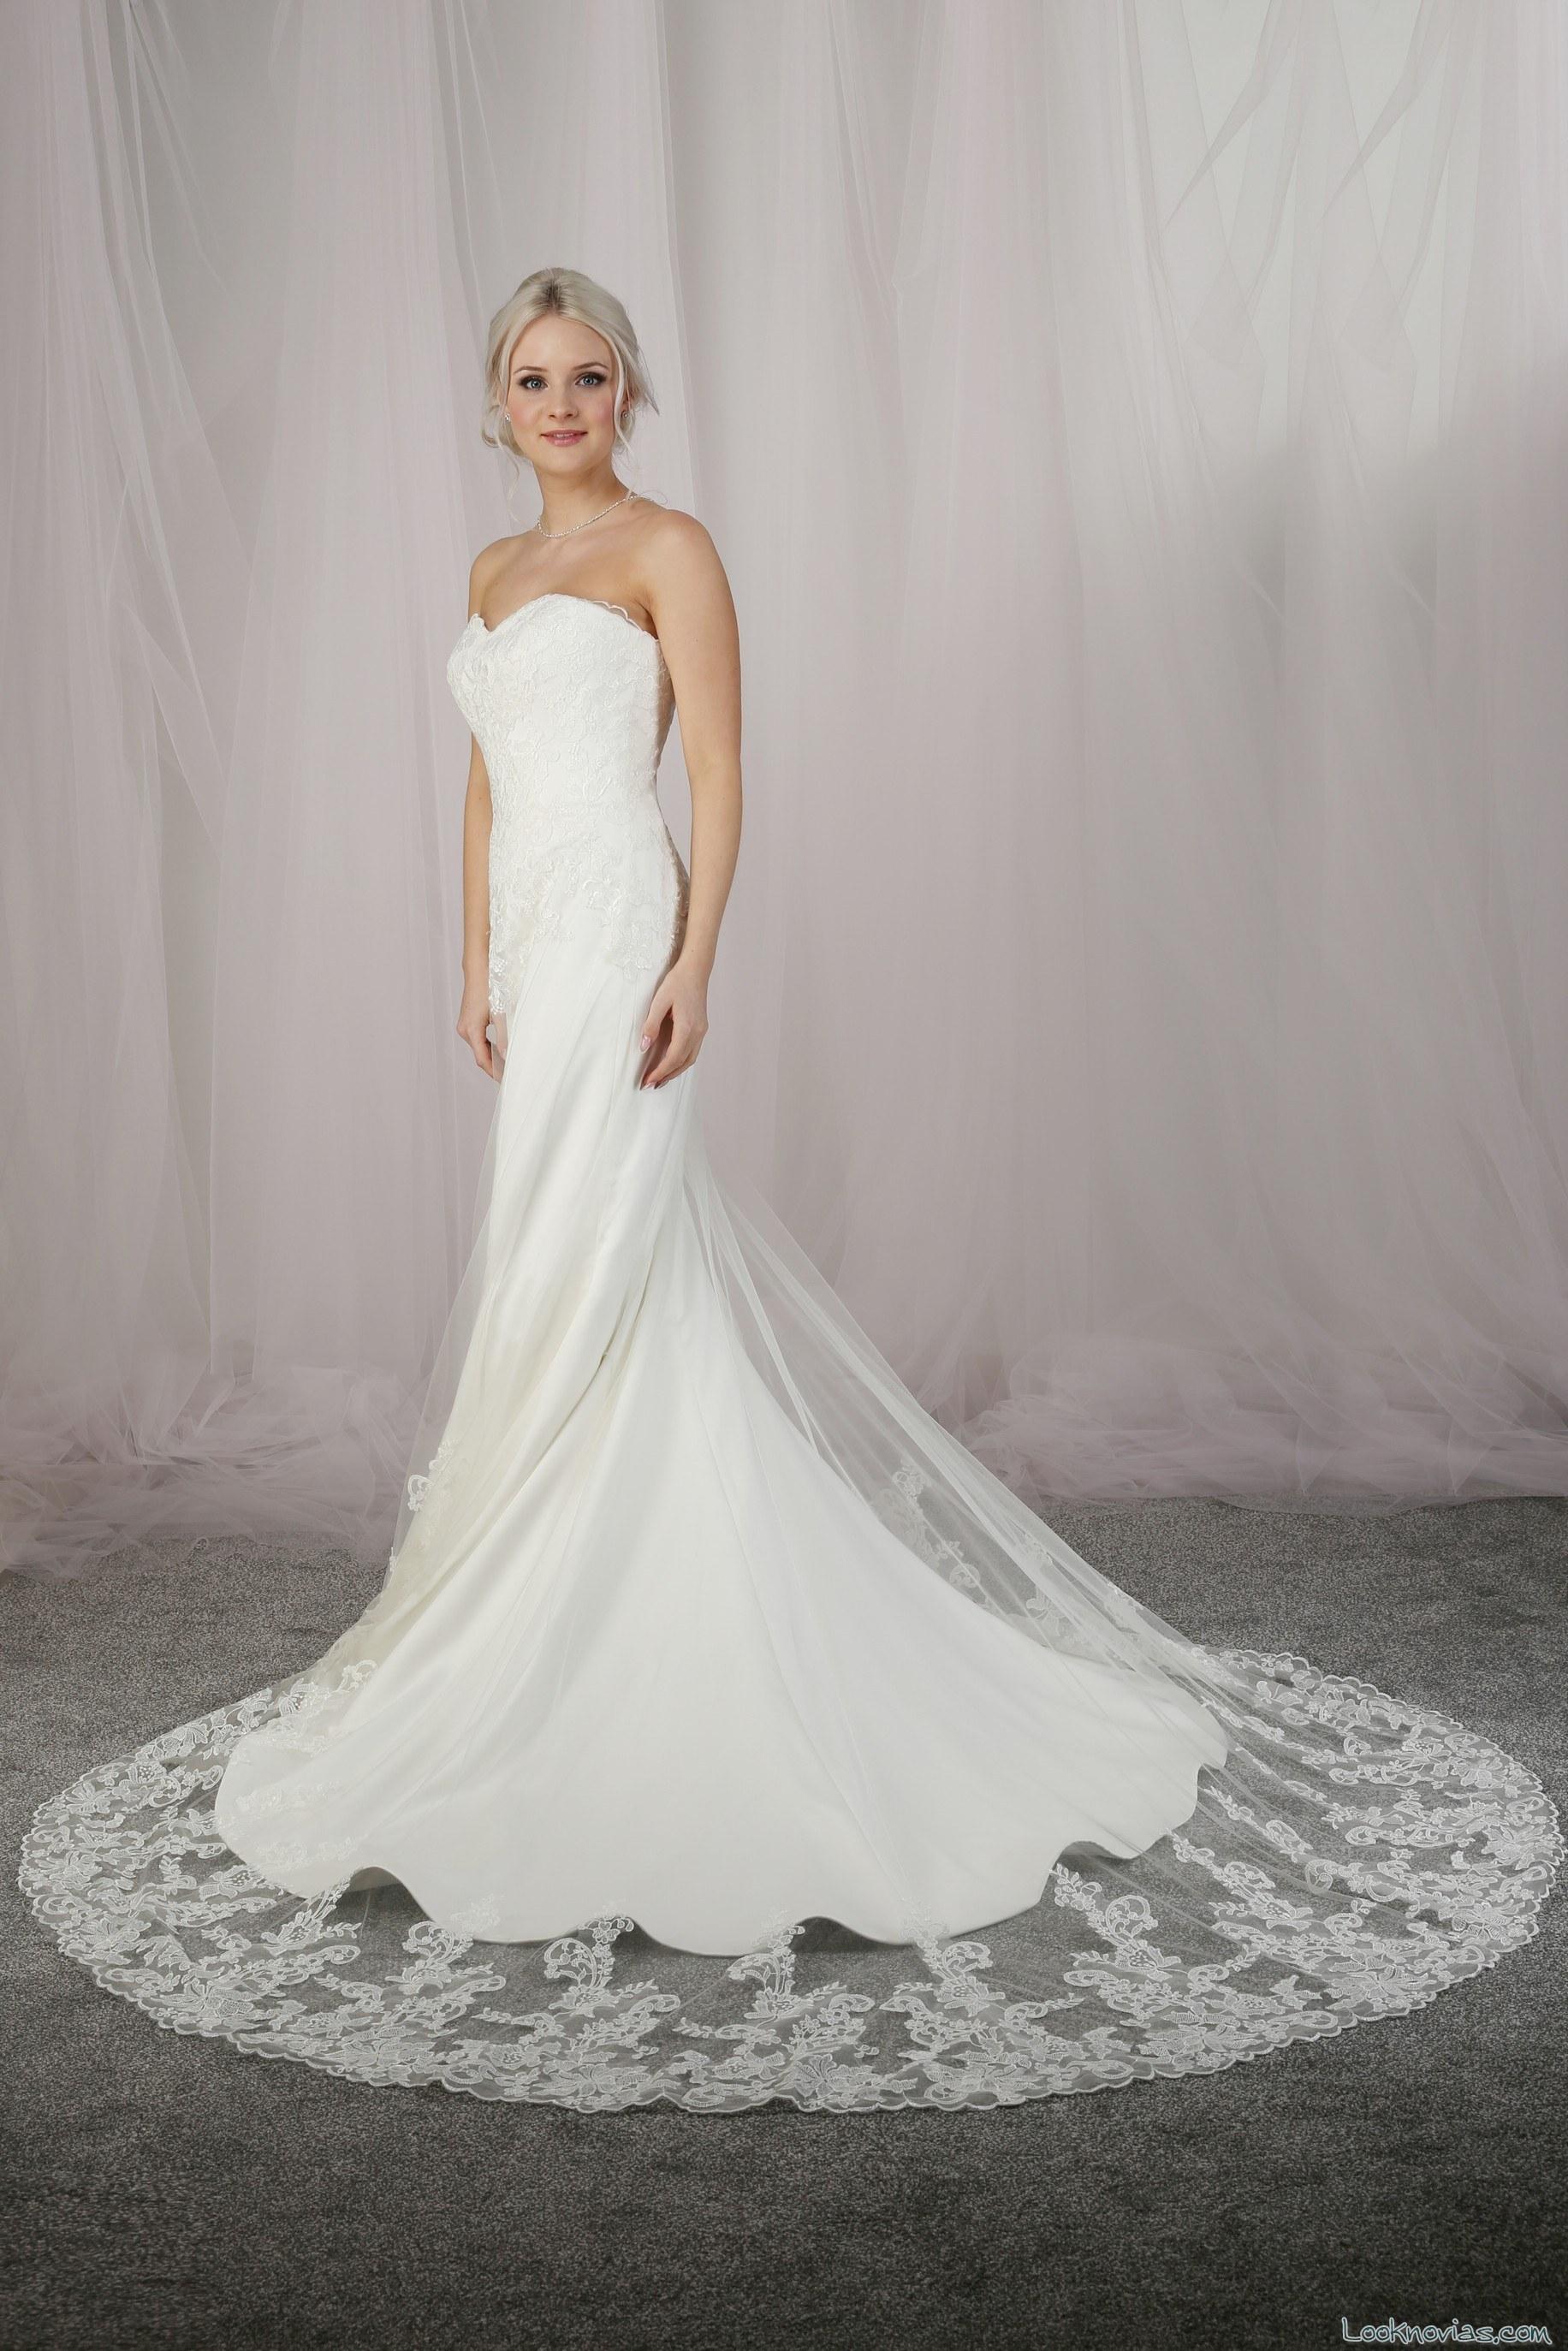 vestido recto de novia con cola otoño 2017